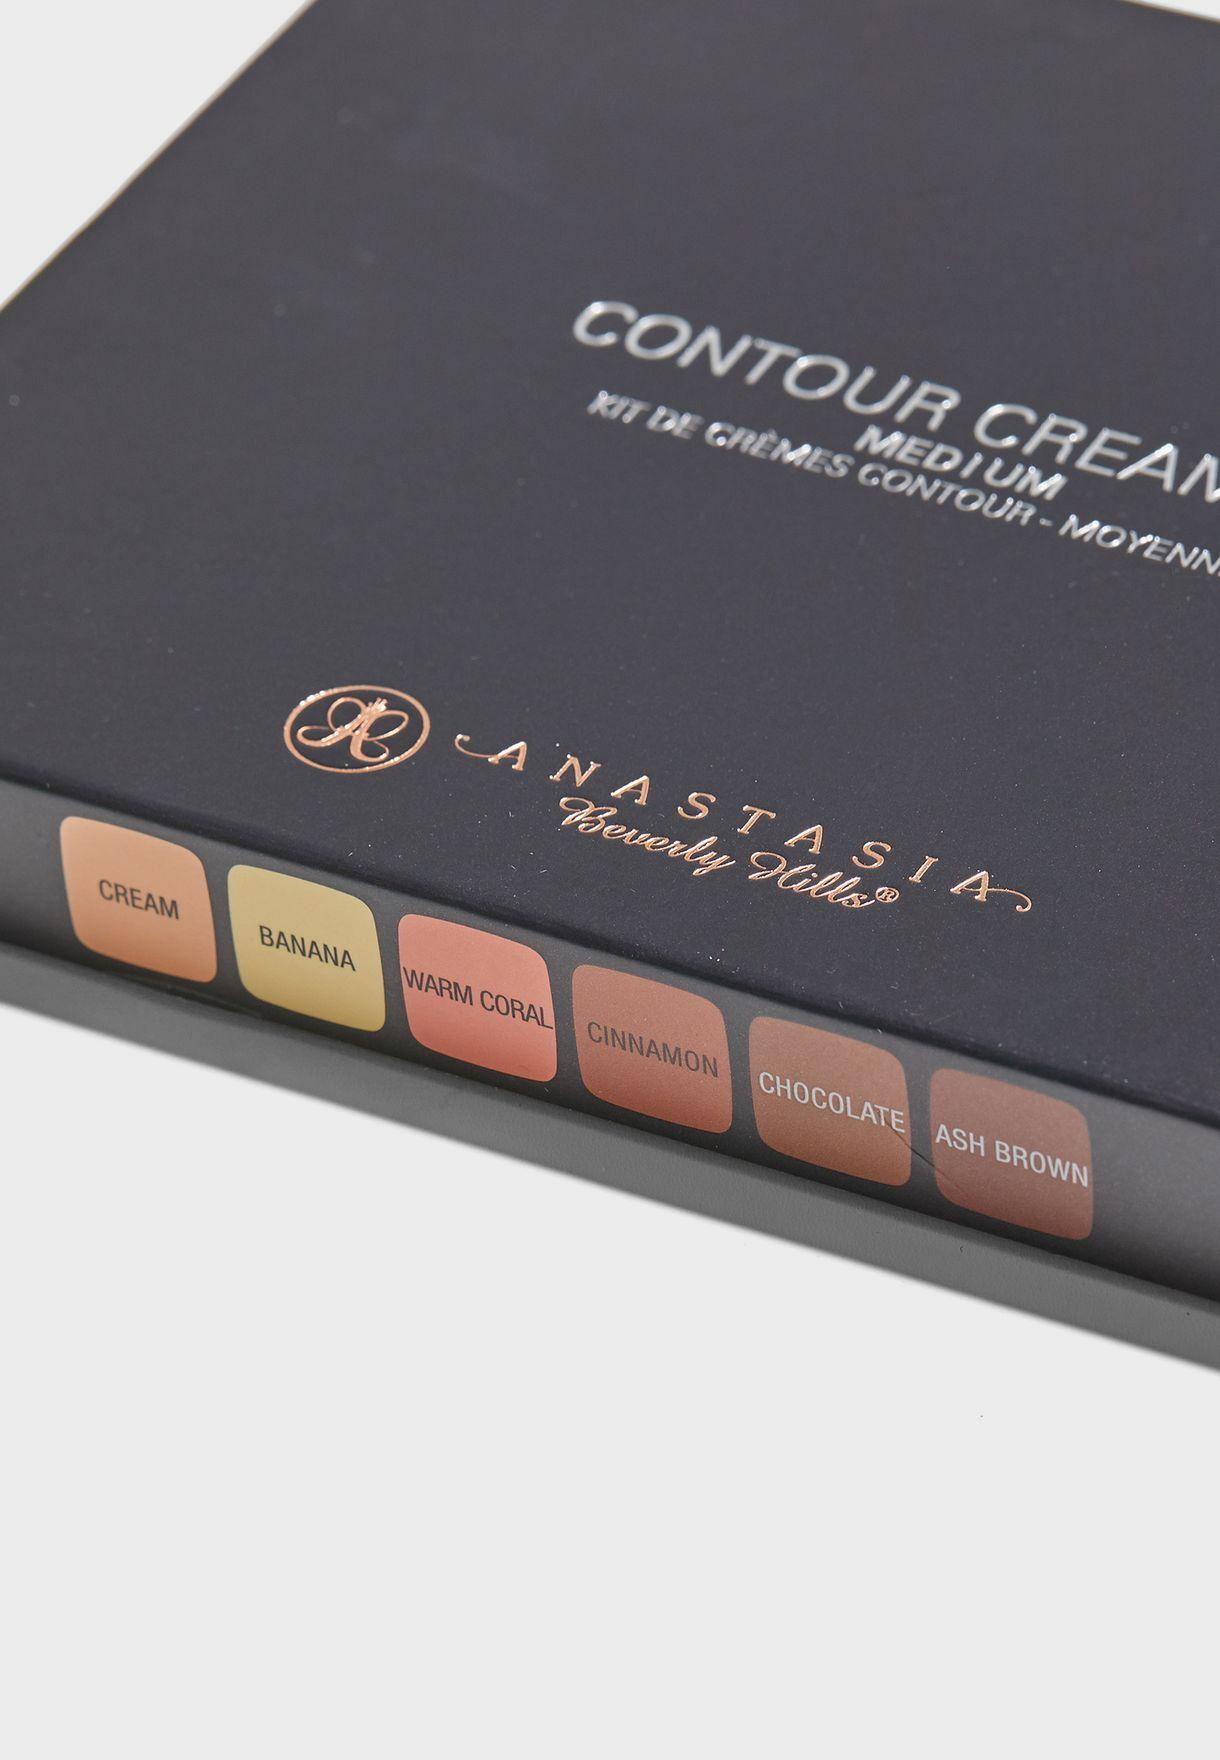 Contour Cream Kit - Medium